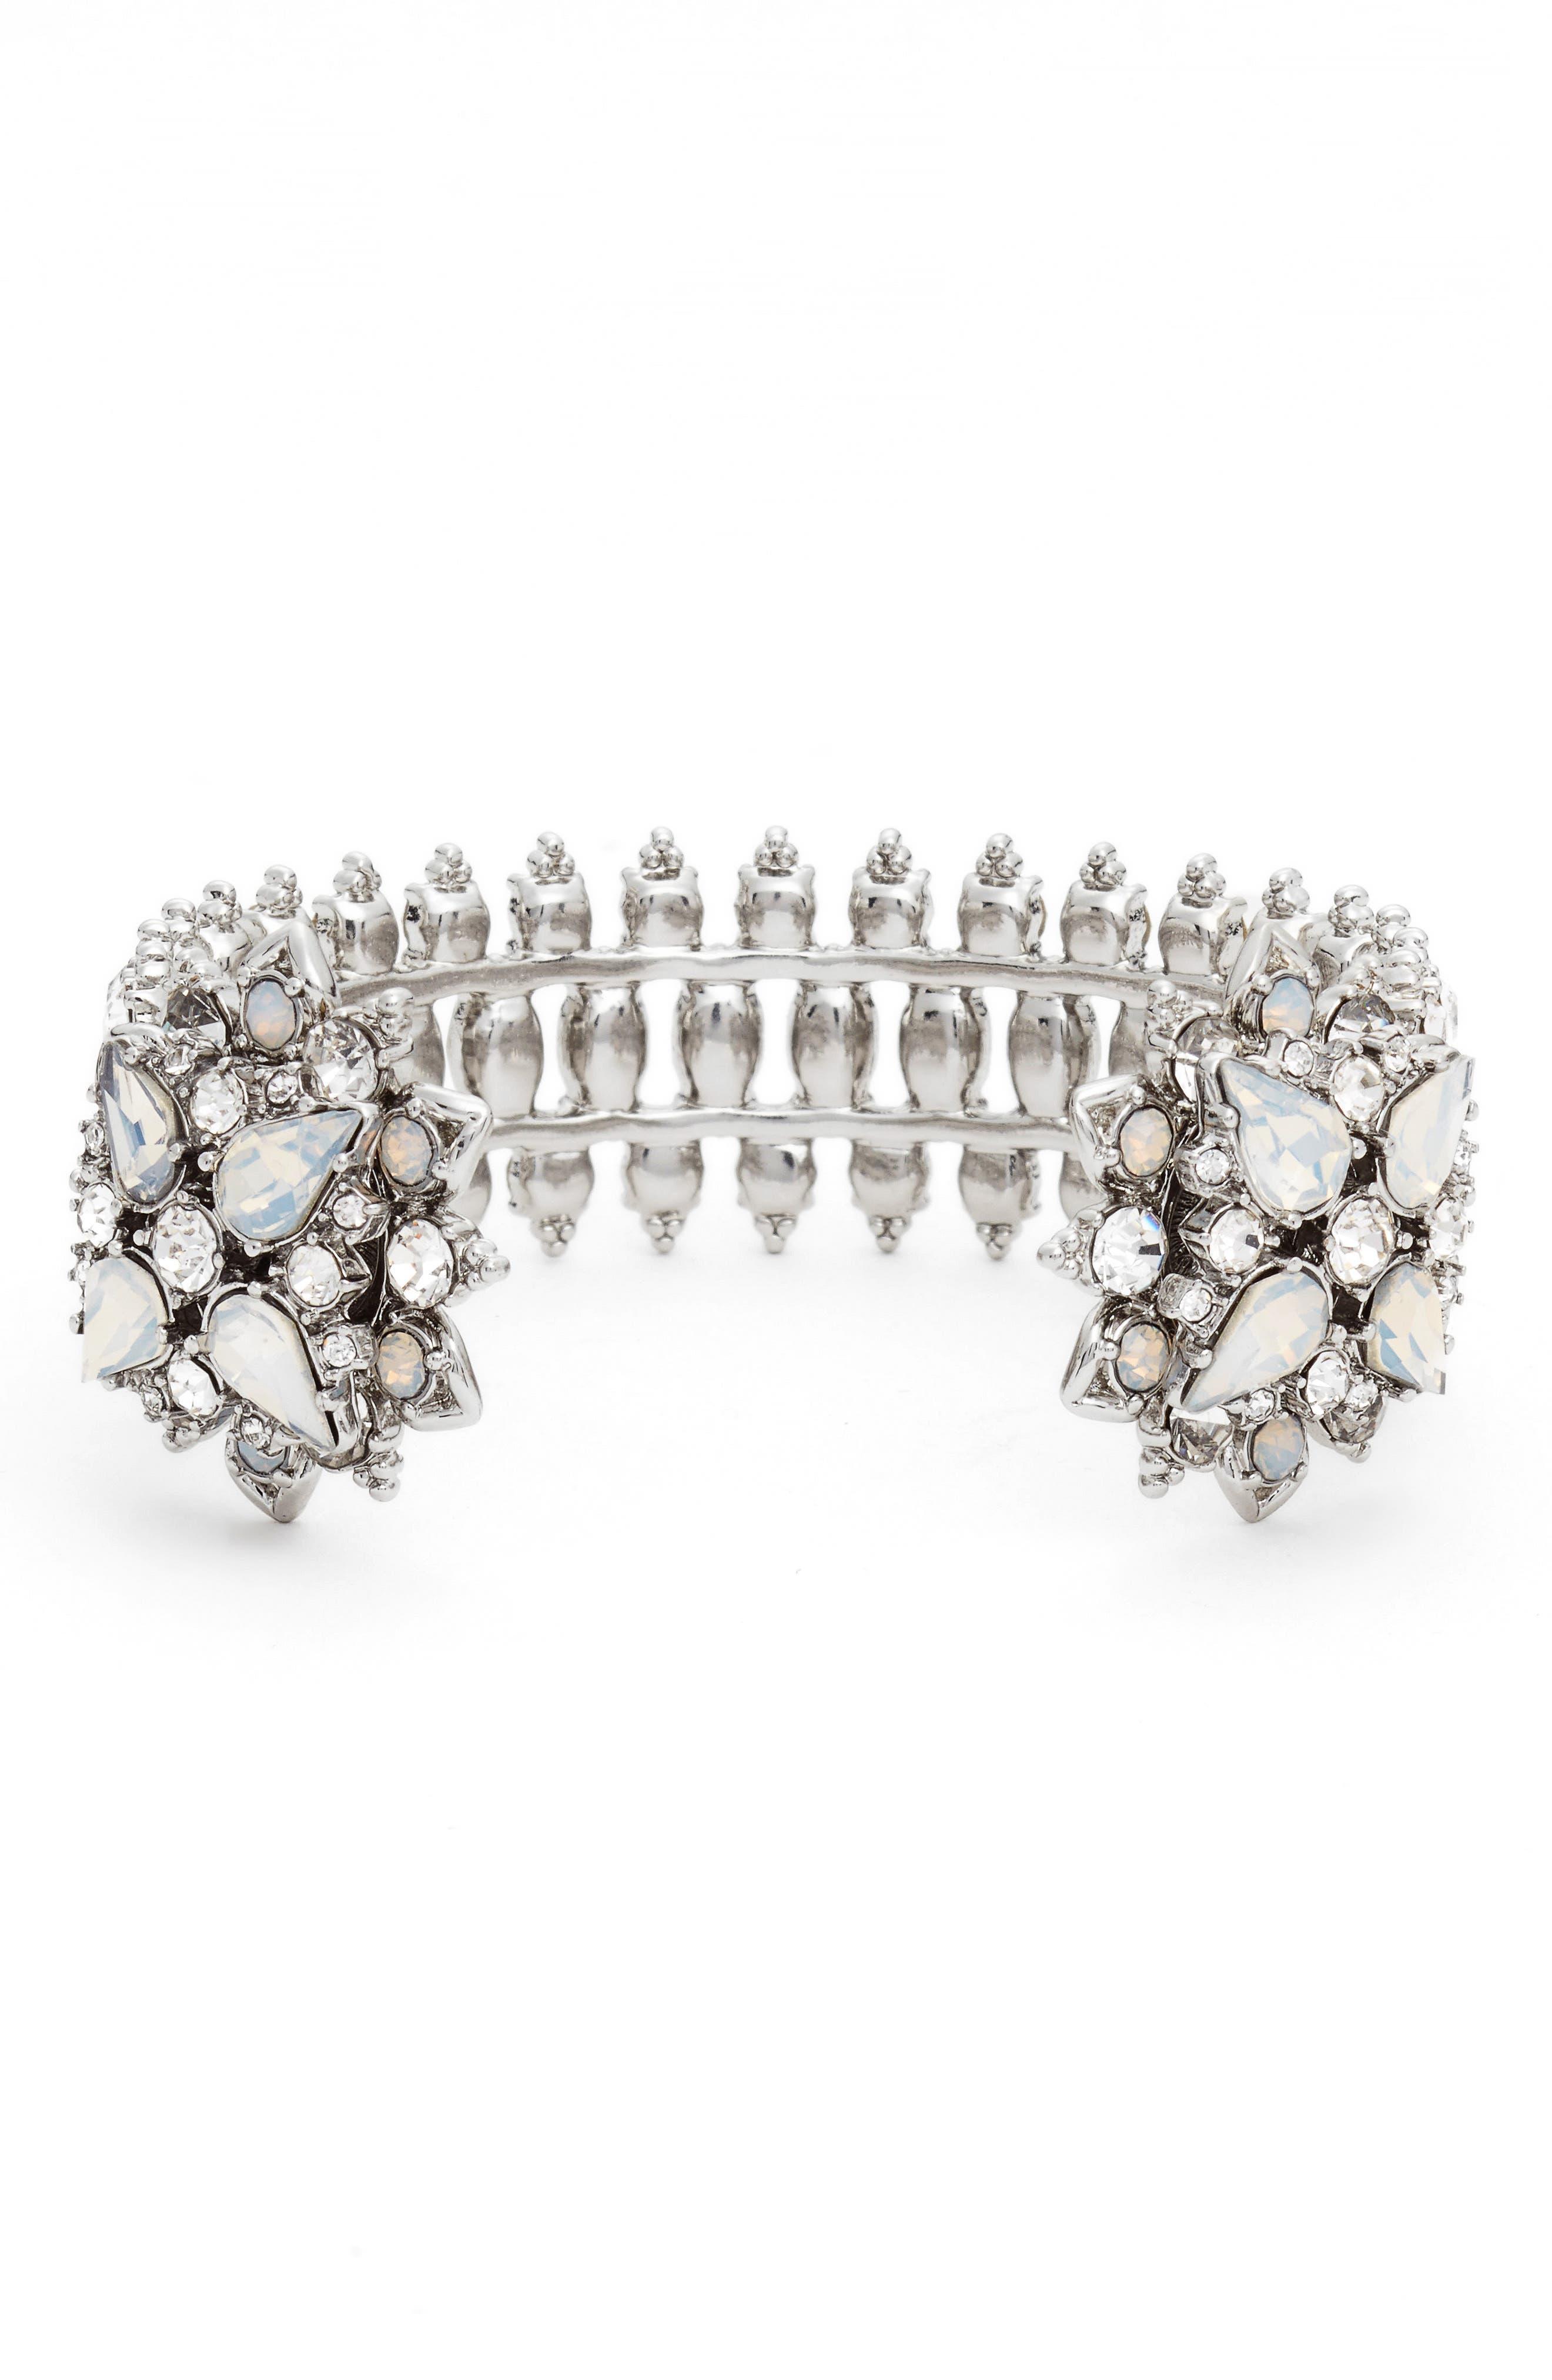 MARCHESA Crystal Wrist Cuff